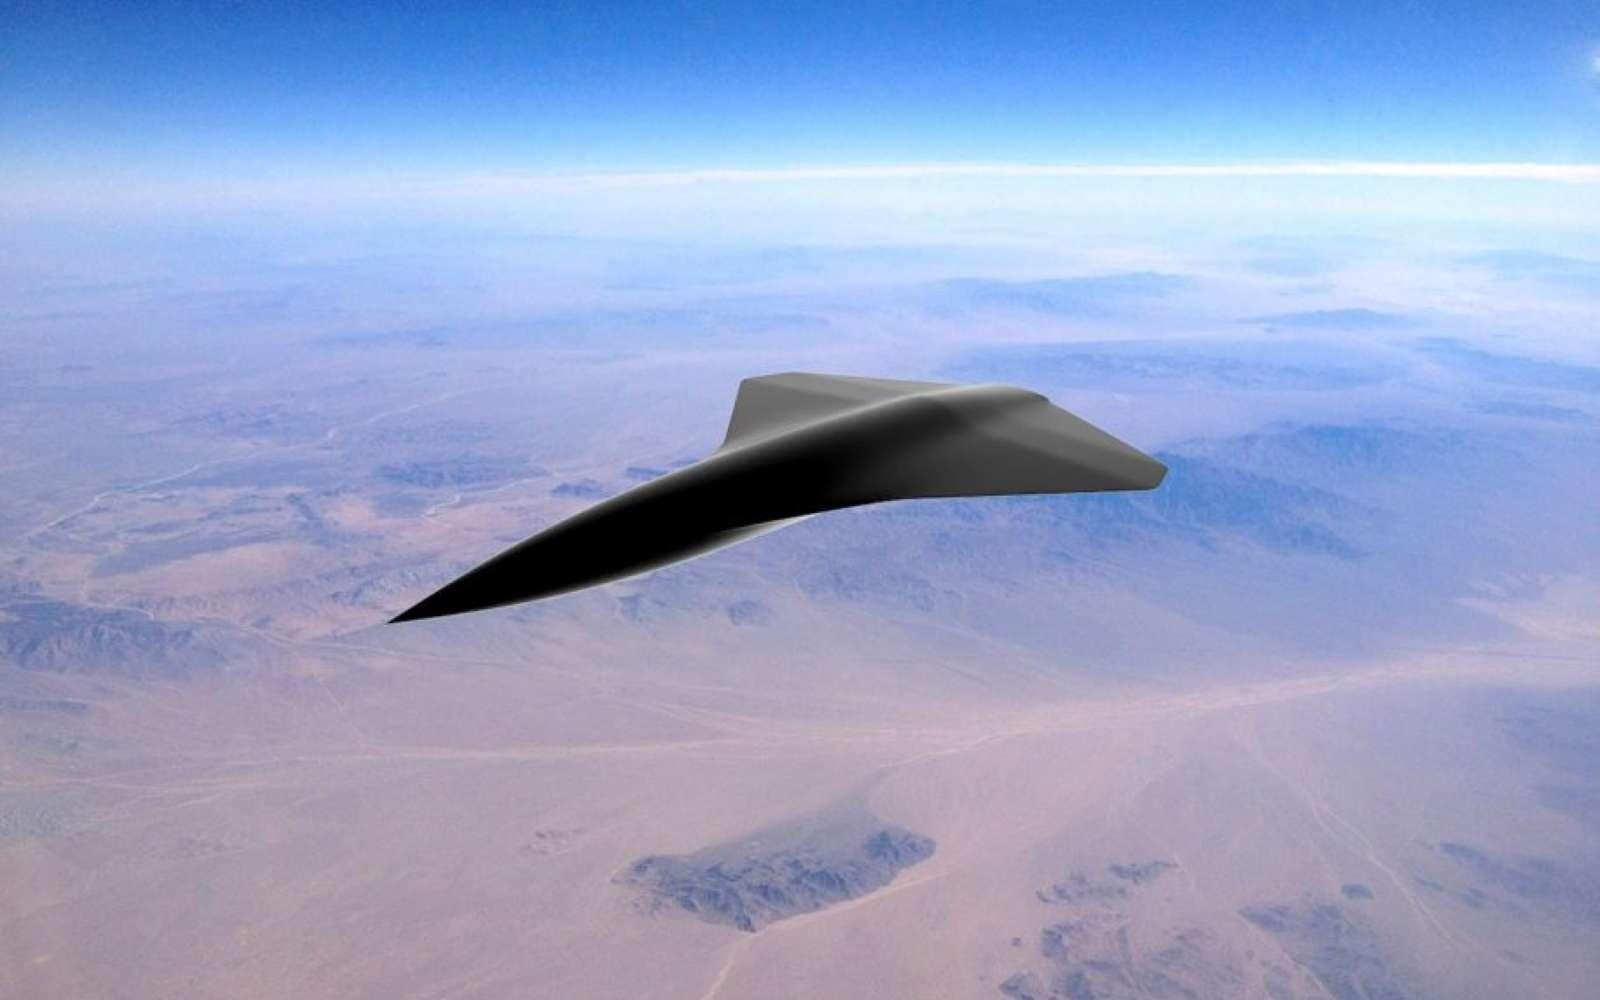 Drona militara care circula cu 2400km h